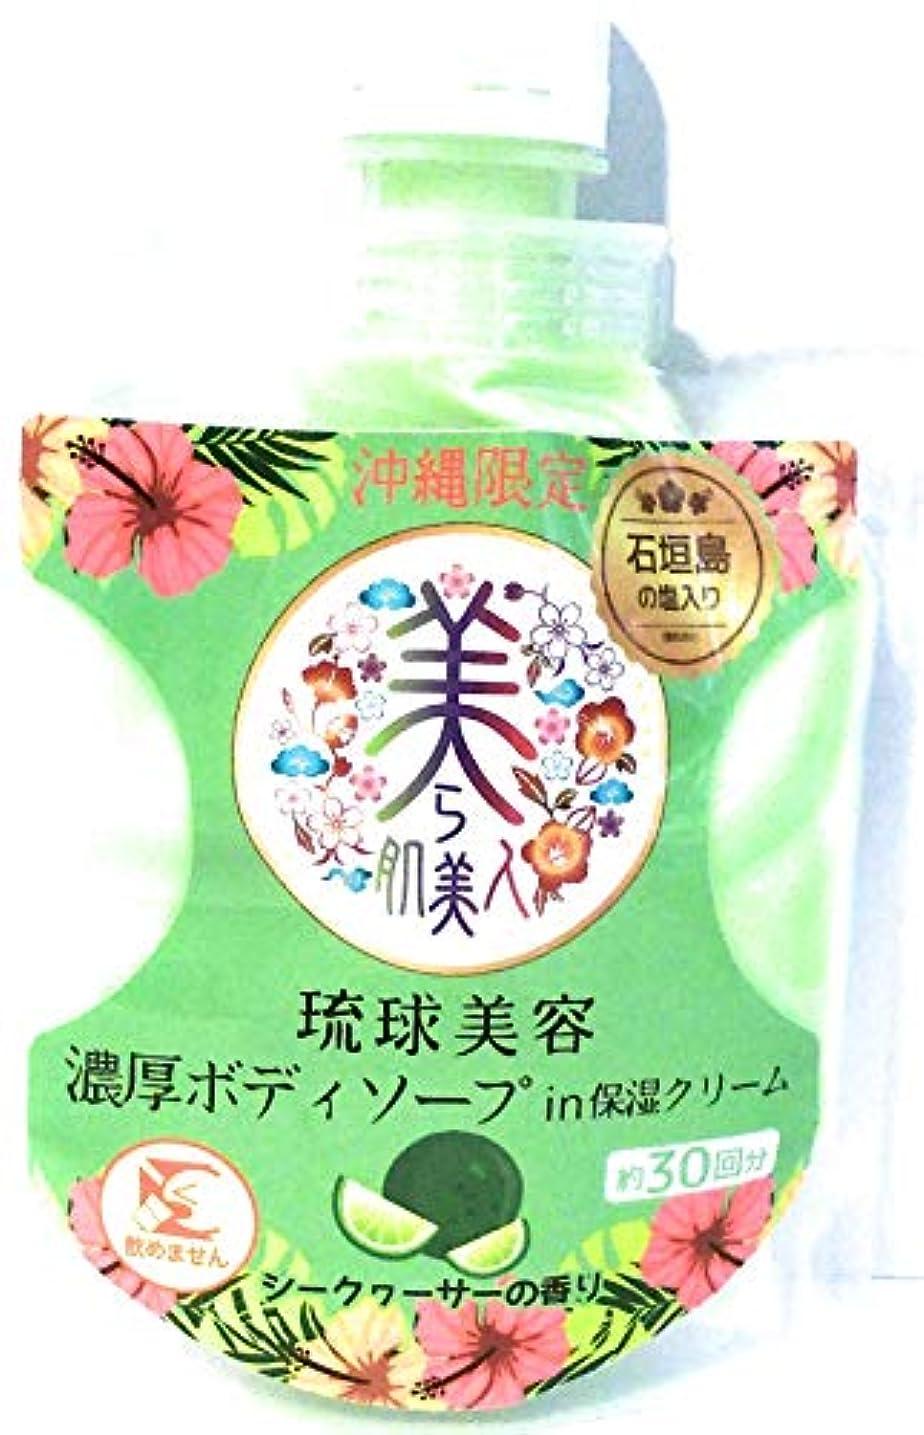 飼料ラバ傾く沖縄限定 美ら肌美人 琉球美容濃厚ボディソープin保湿クリーム シークヮーサーの香り